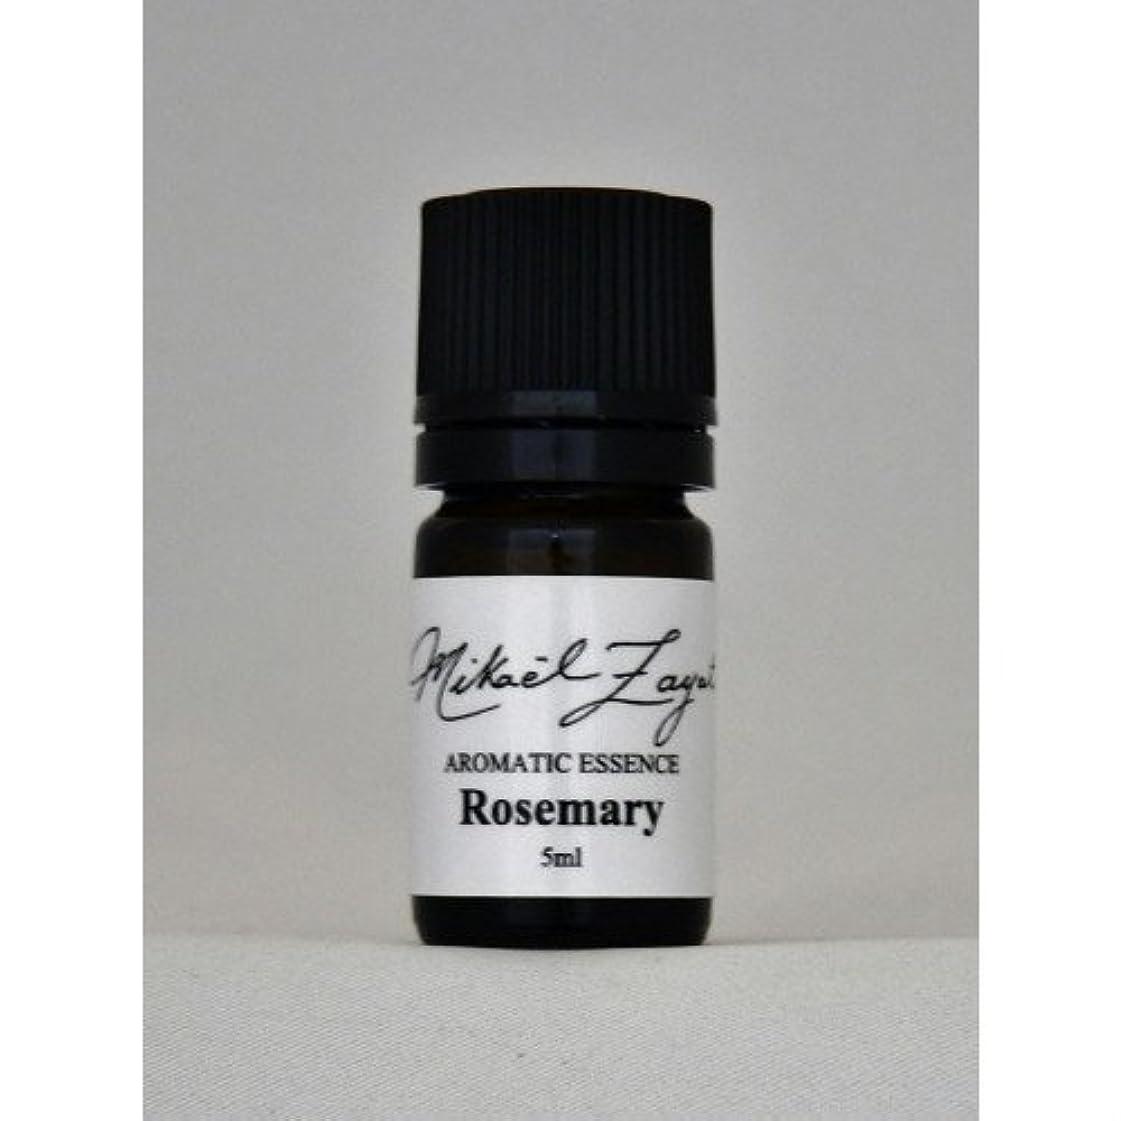 ミカエル?ザヤット アロマティックエッセンス ローズマリー 5ml Rosemary 5ml 日本国内正規品